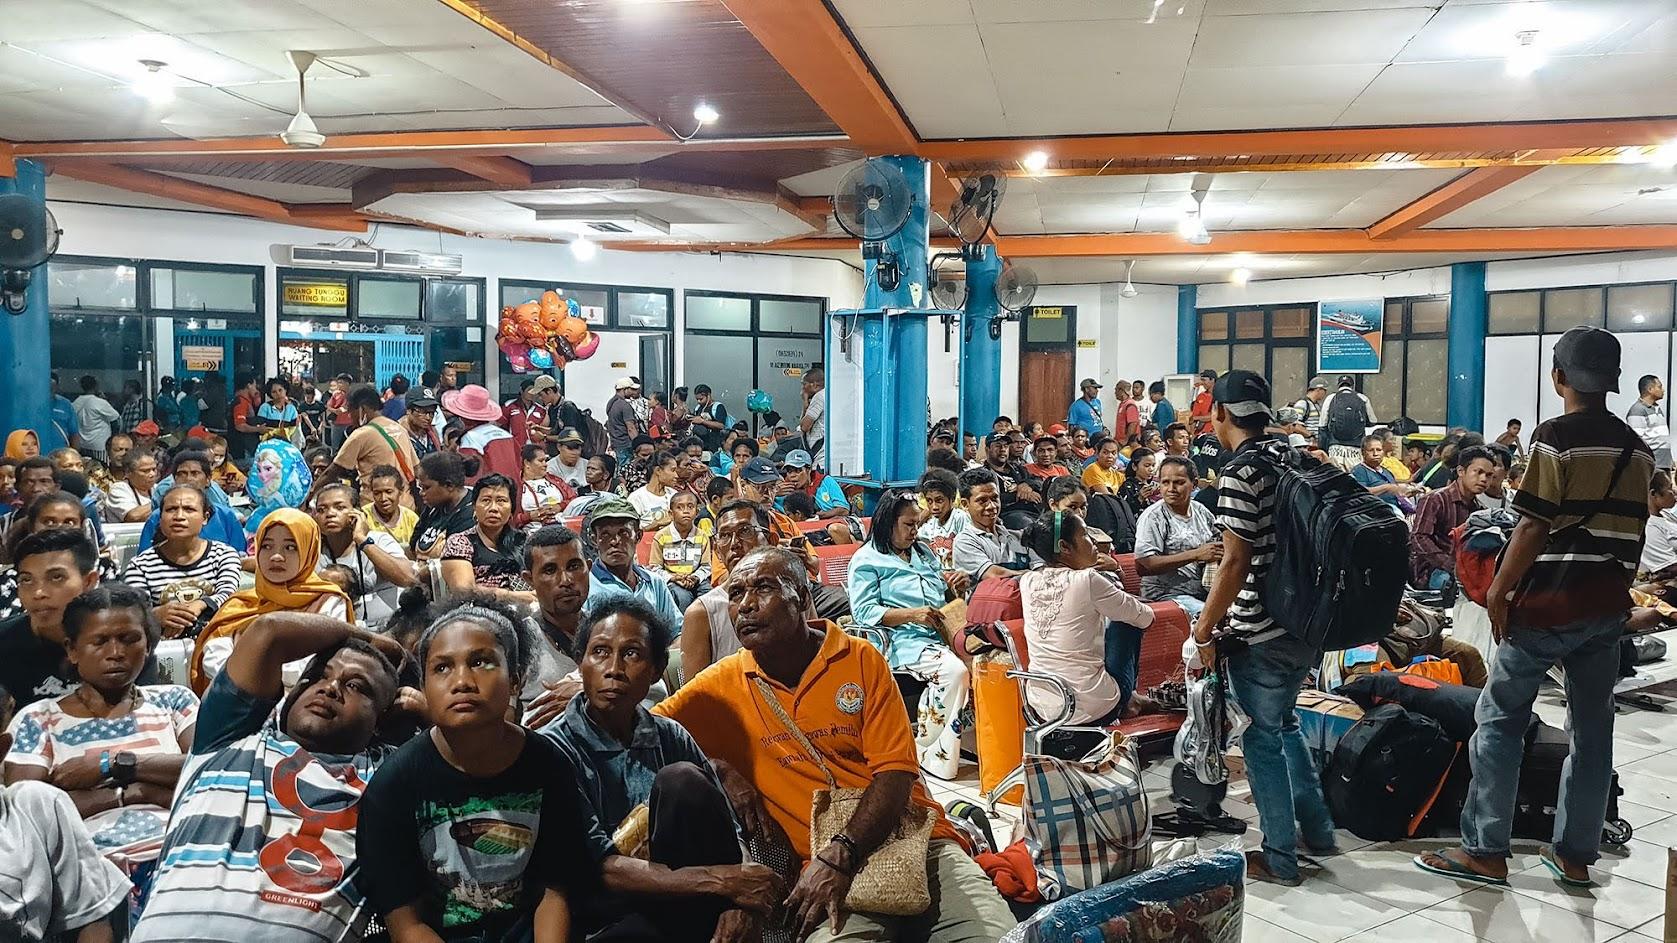 Dias 122 a 125 - WAMENA e Vale de Baliem, um contratempo em Jayapura